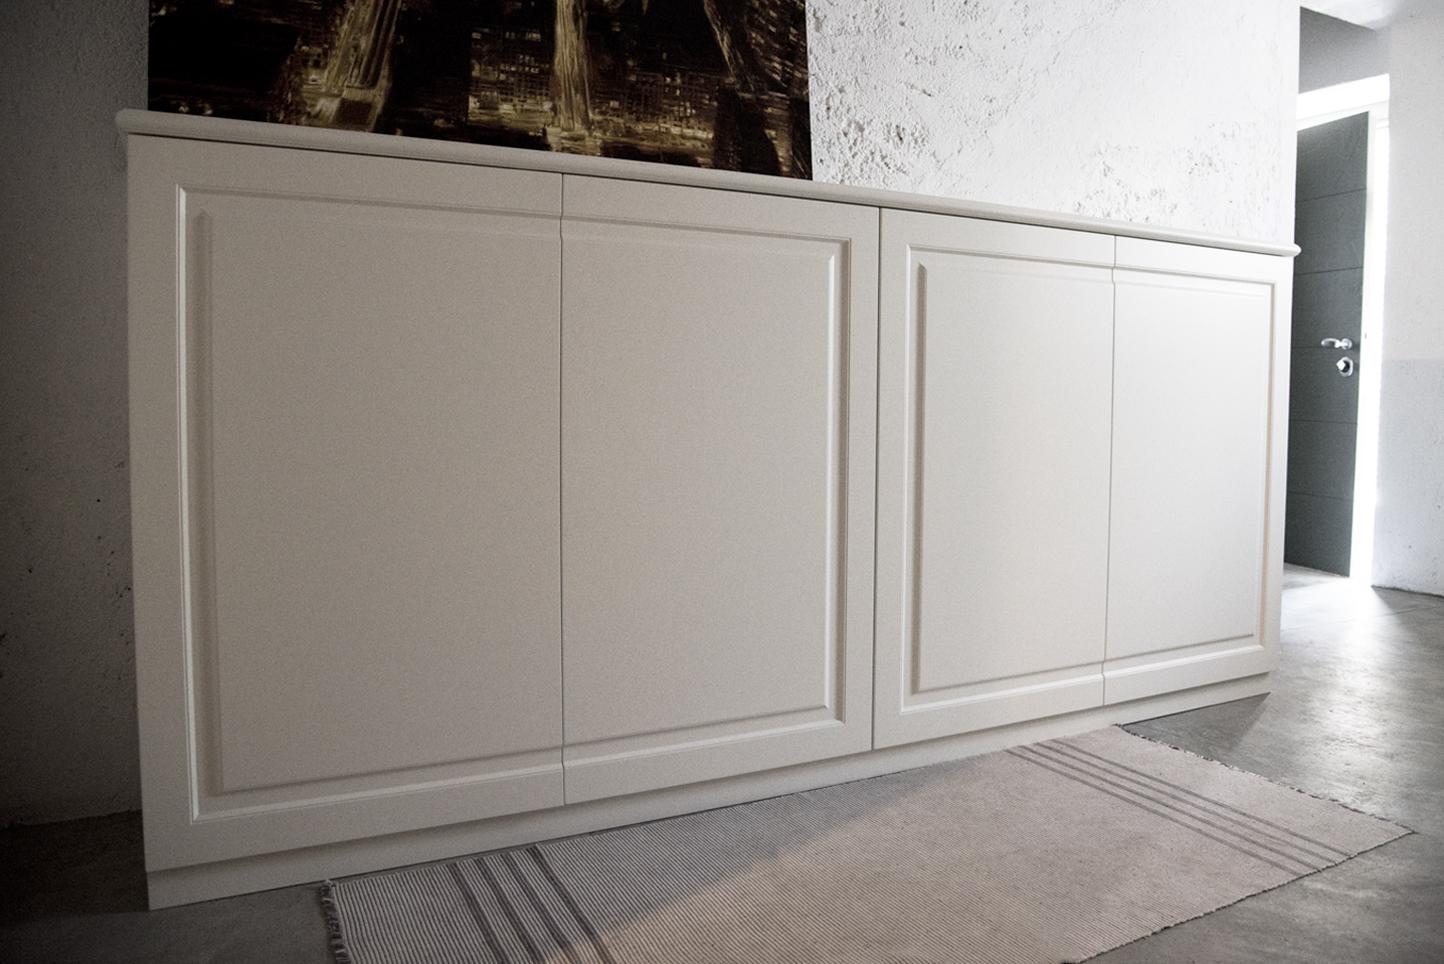 Mobile scarpiera artigiana legno - Mobile corridoio ...